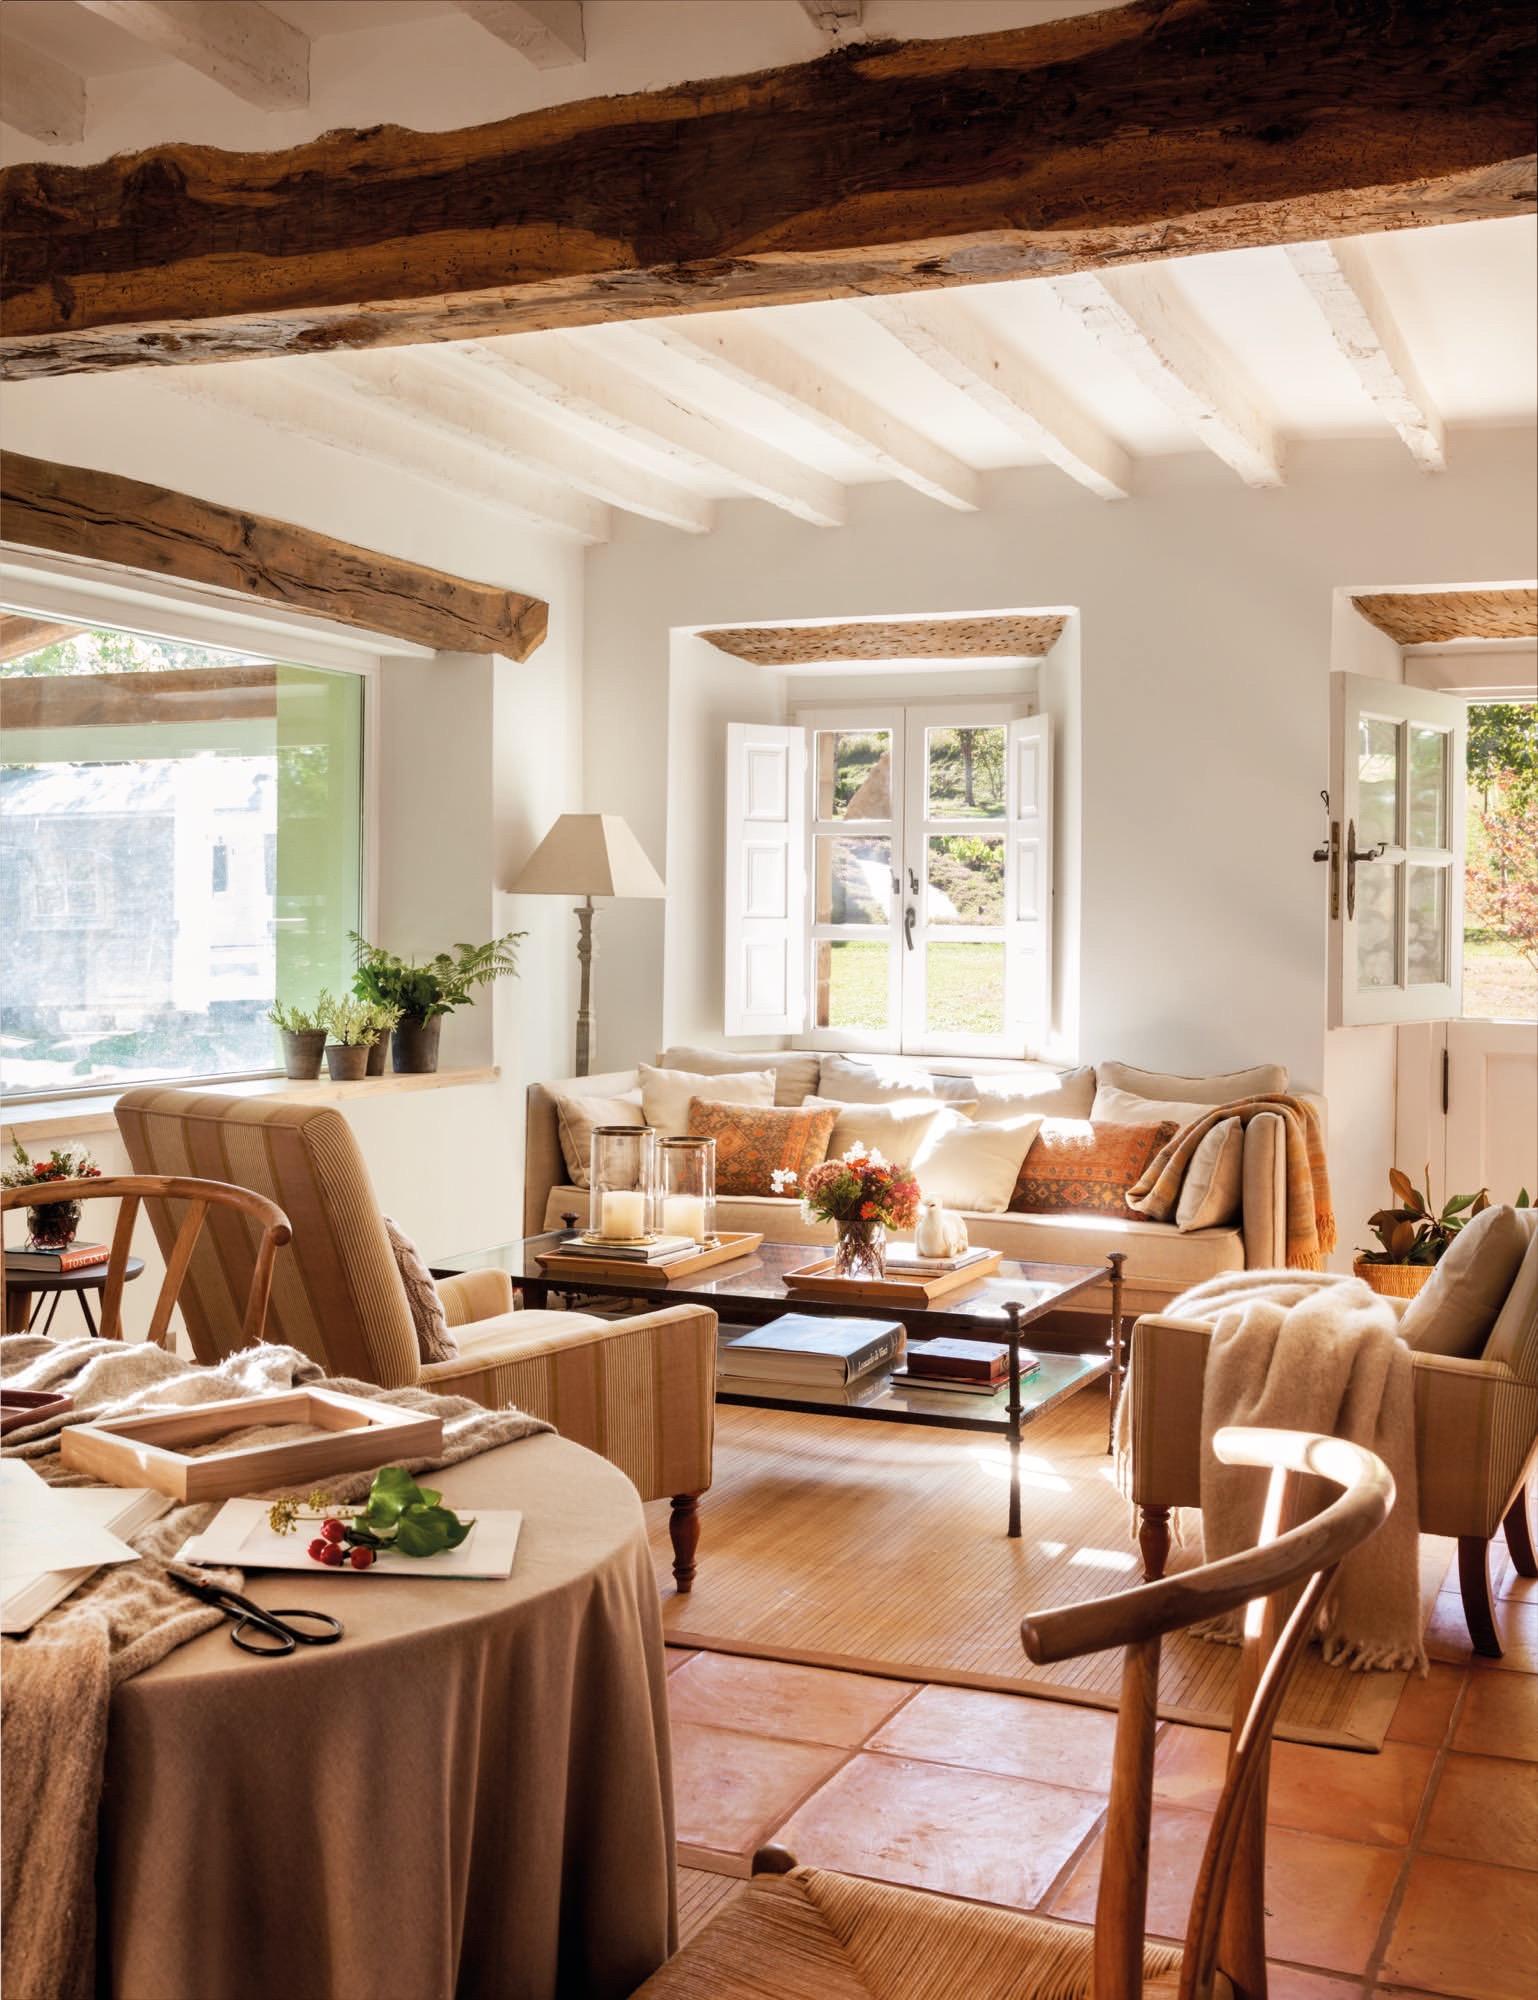 salon con ventana interior en una casa rustica